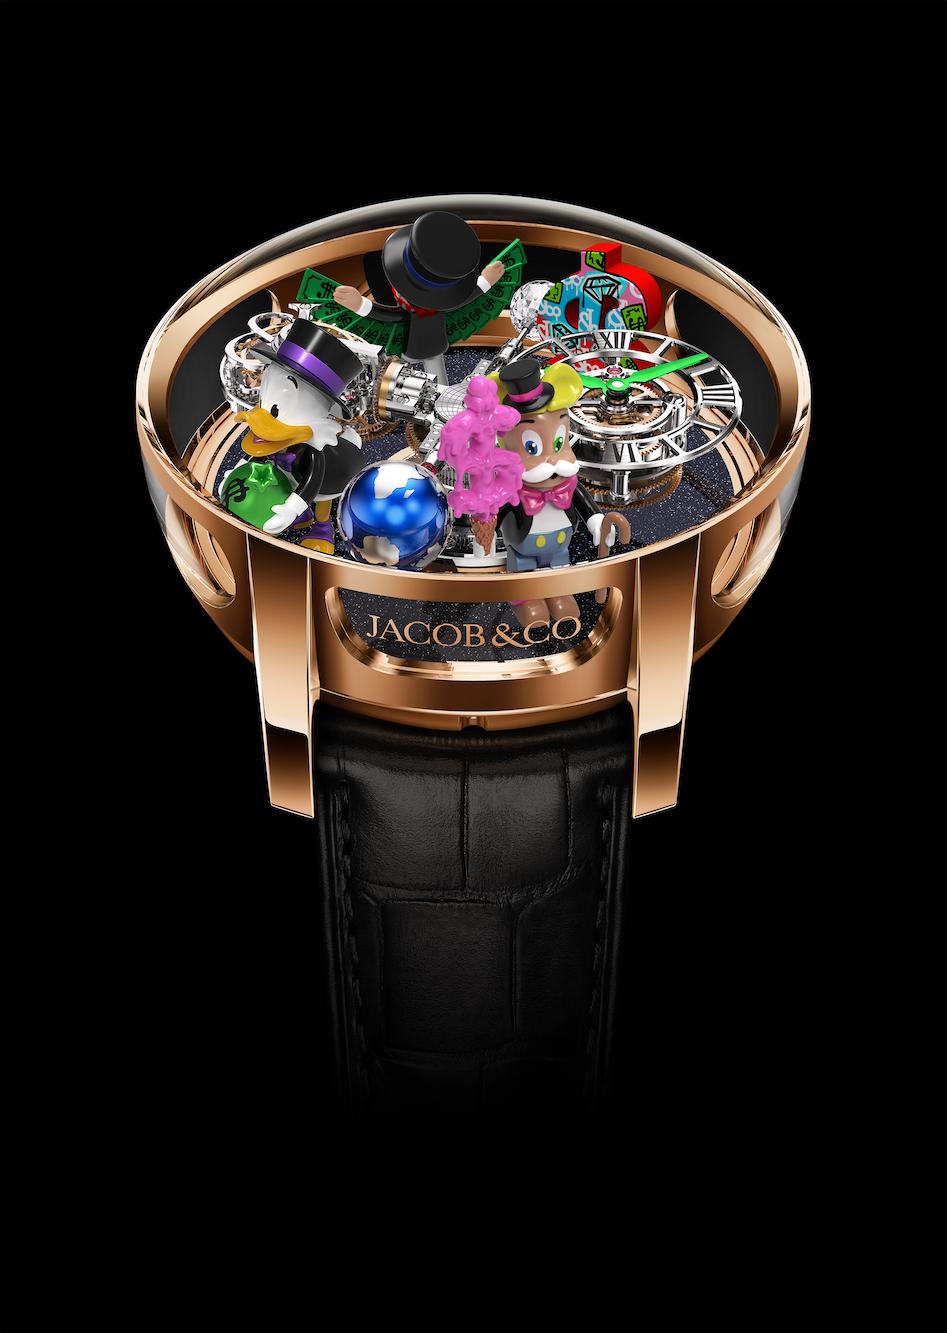 Jacob & Co. Astronomia Tourbillon Alec Monopoly watch.